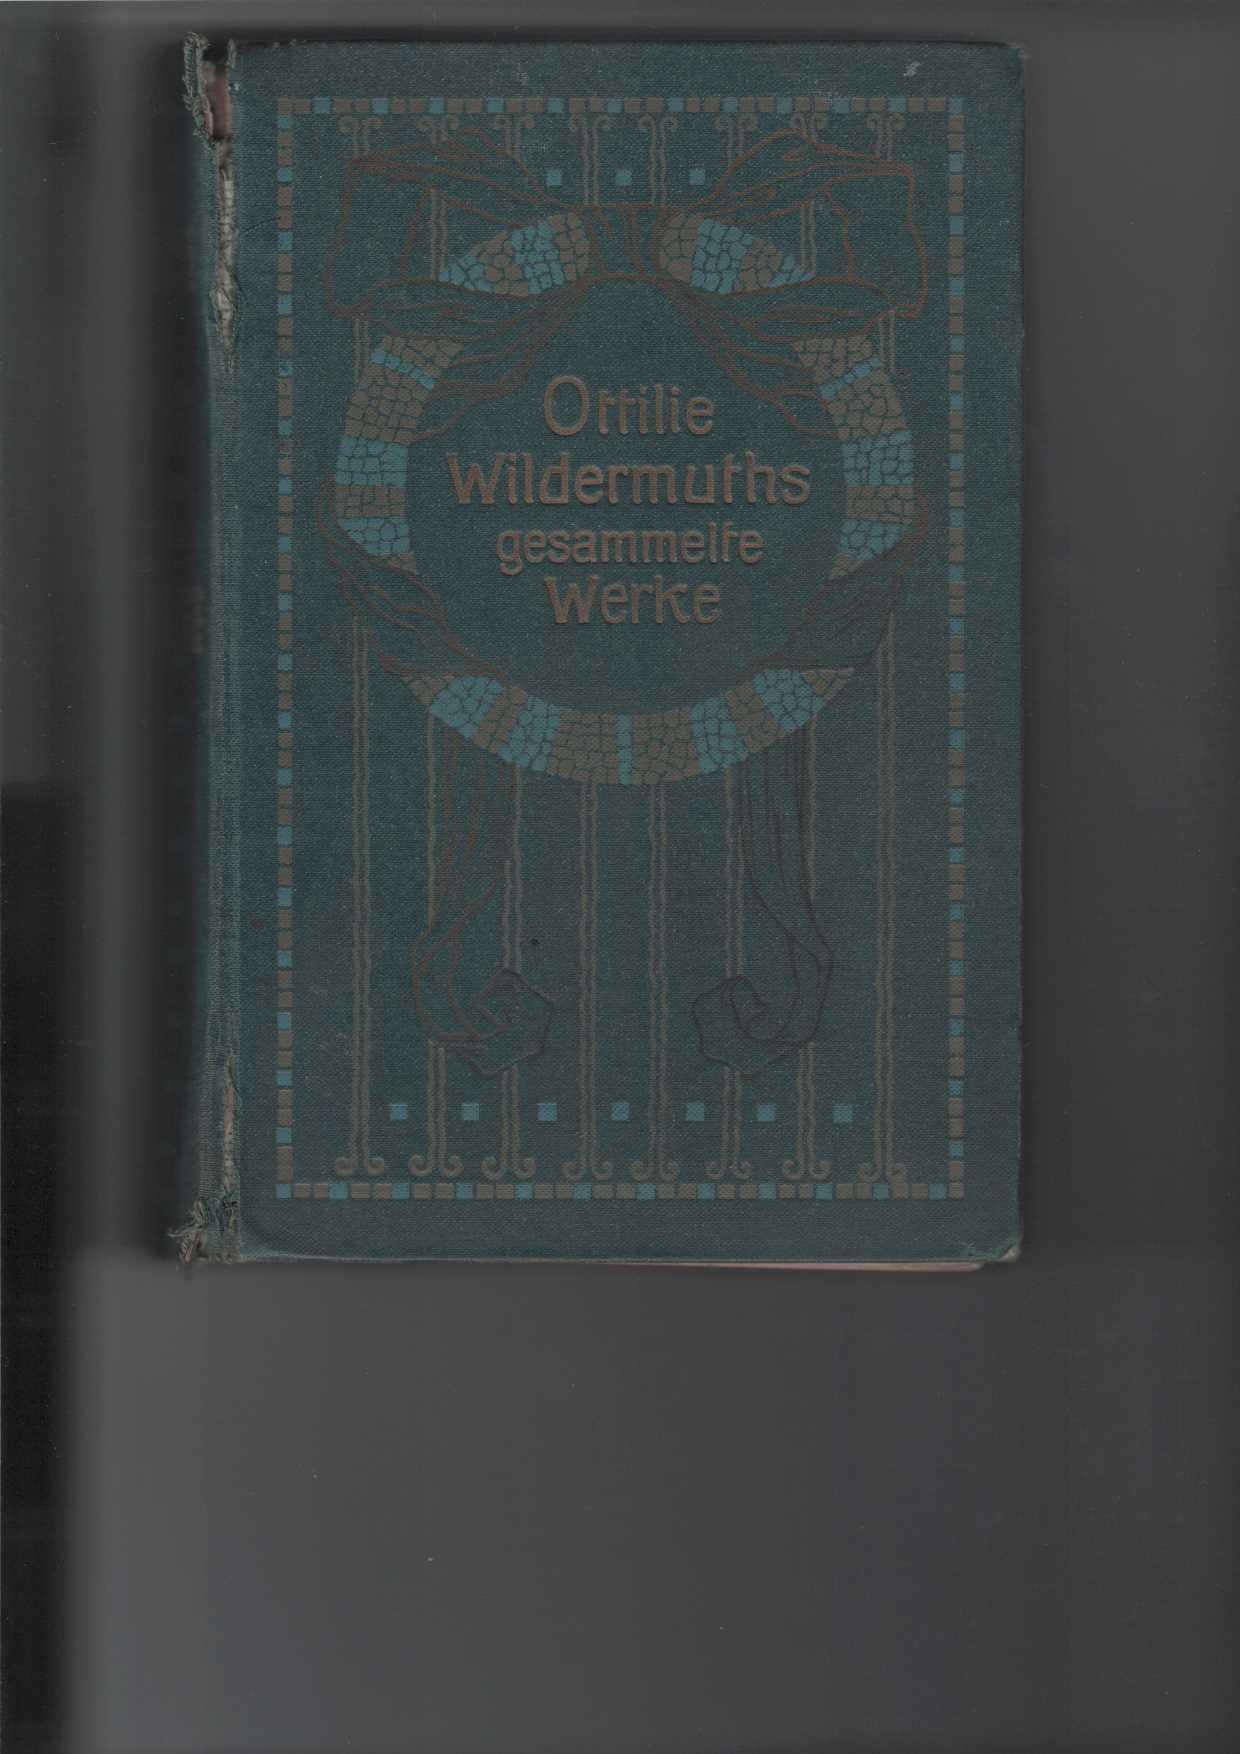 Ottilie Wildermuths gesammelte Werke : erster (1.) Band. Neue illustrierte Ausgabe in zwei Bänden. Herausgegeben von Ida Lackowitz. Nur Band I (1).